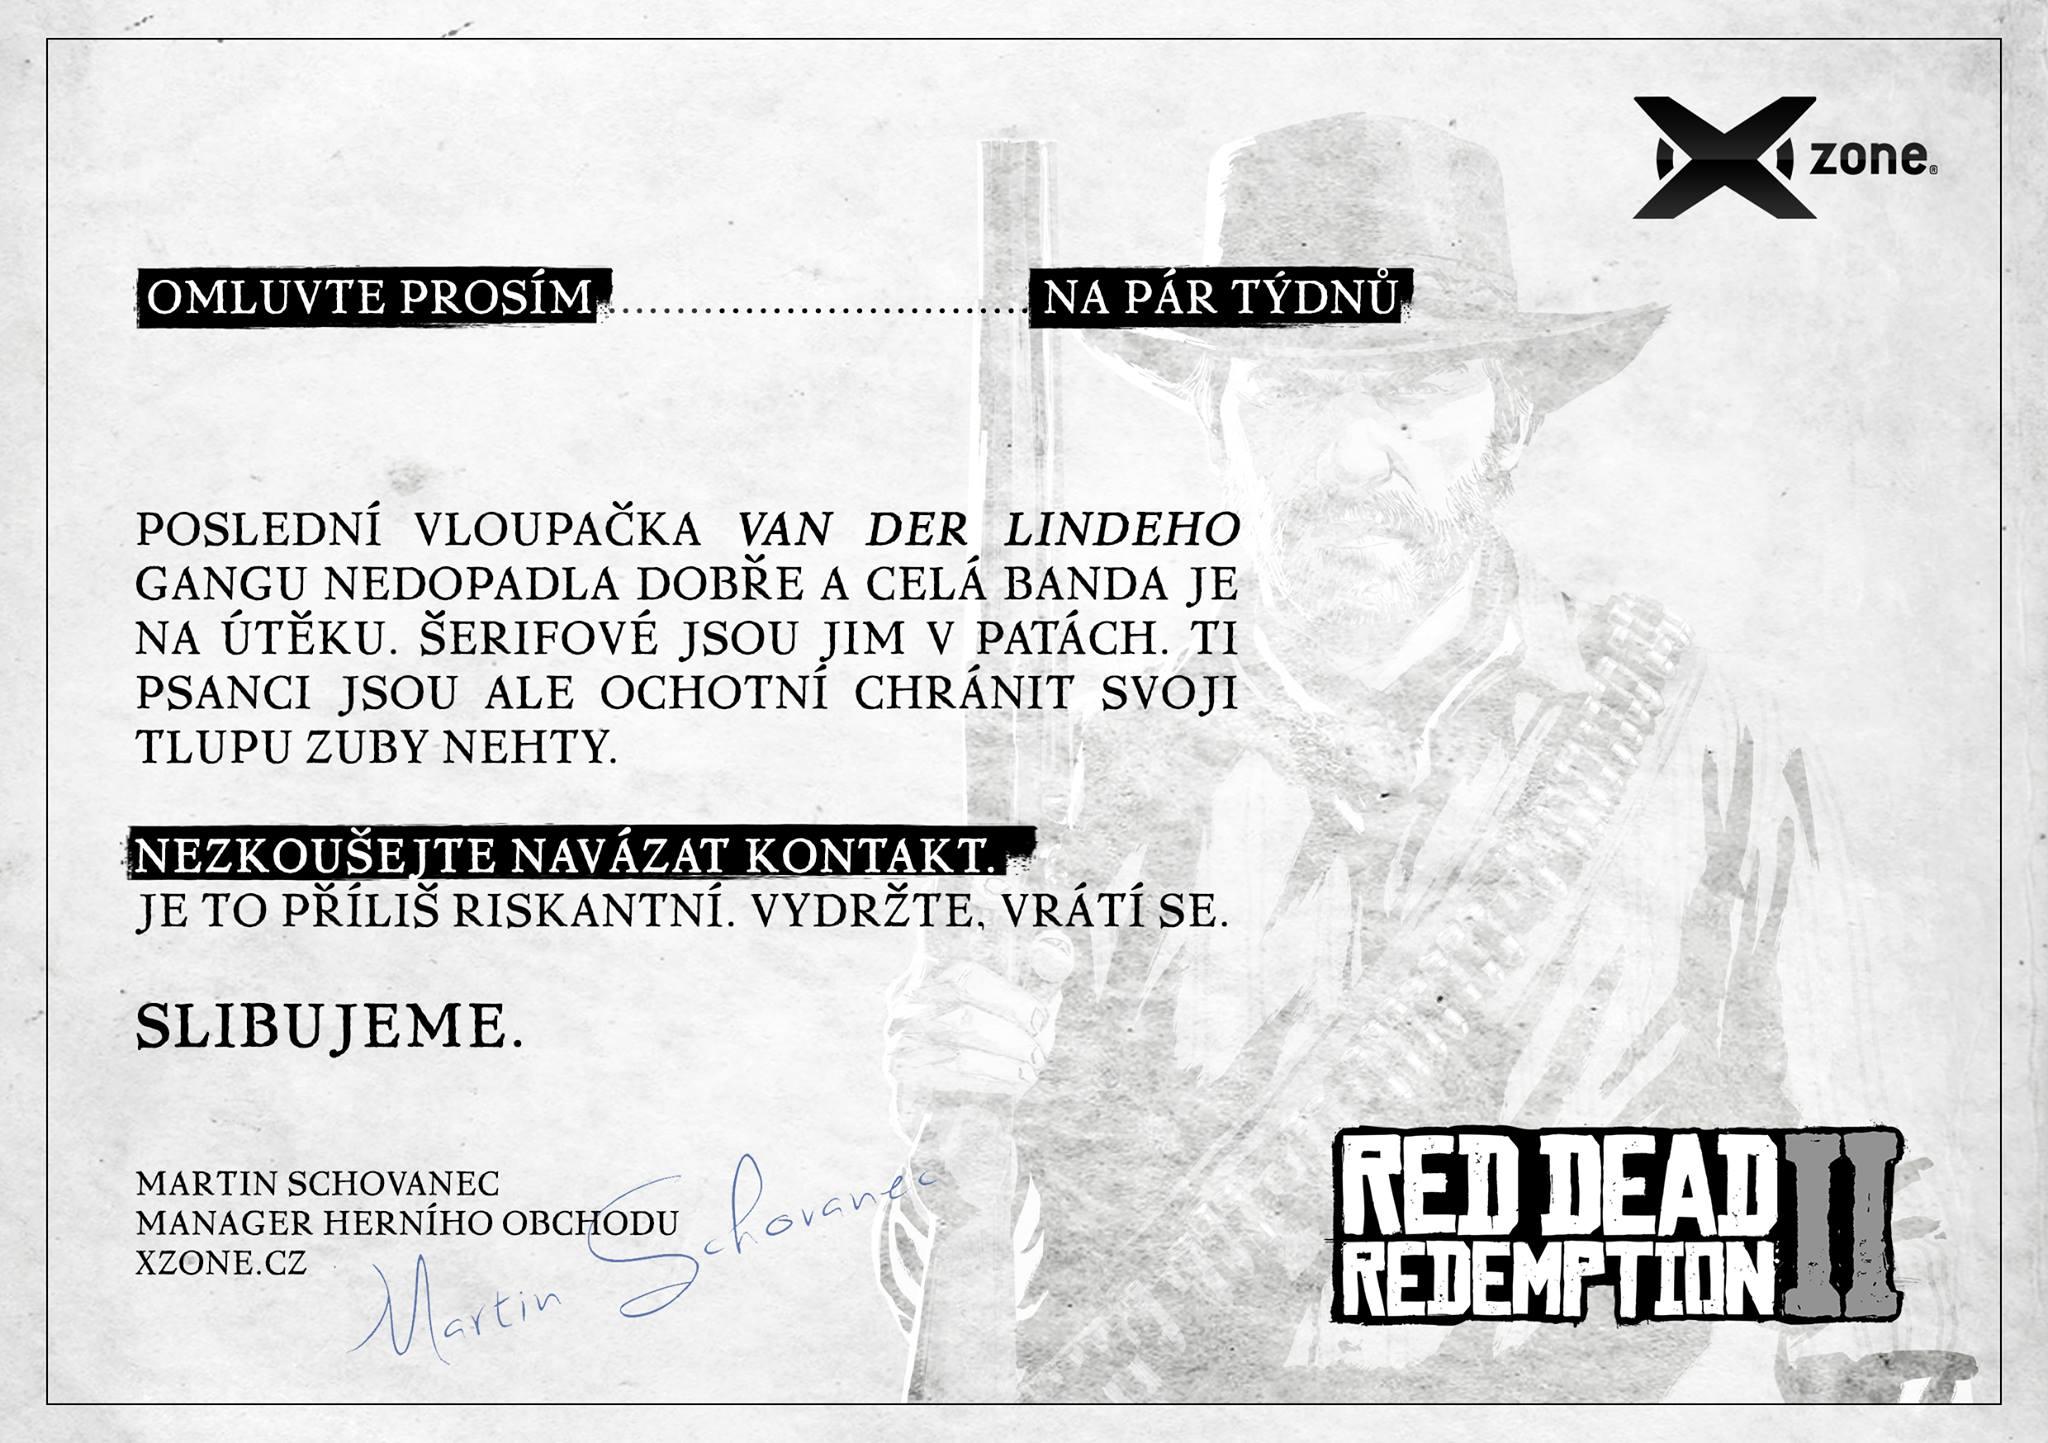 Půlnoční prodej Red Dead Redemption 2 se soutěží o hru zdarma 44370882 10160740539780276 7225096901337546752 o